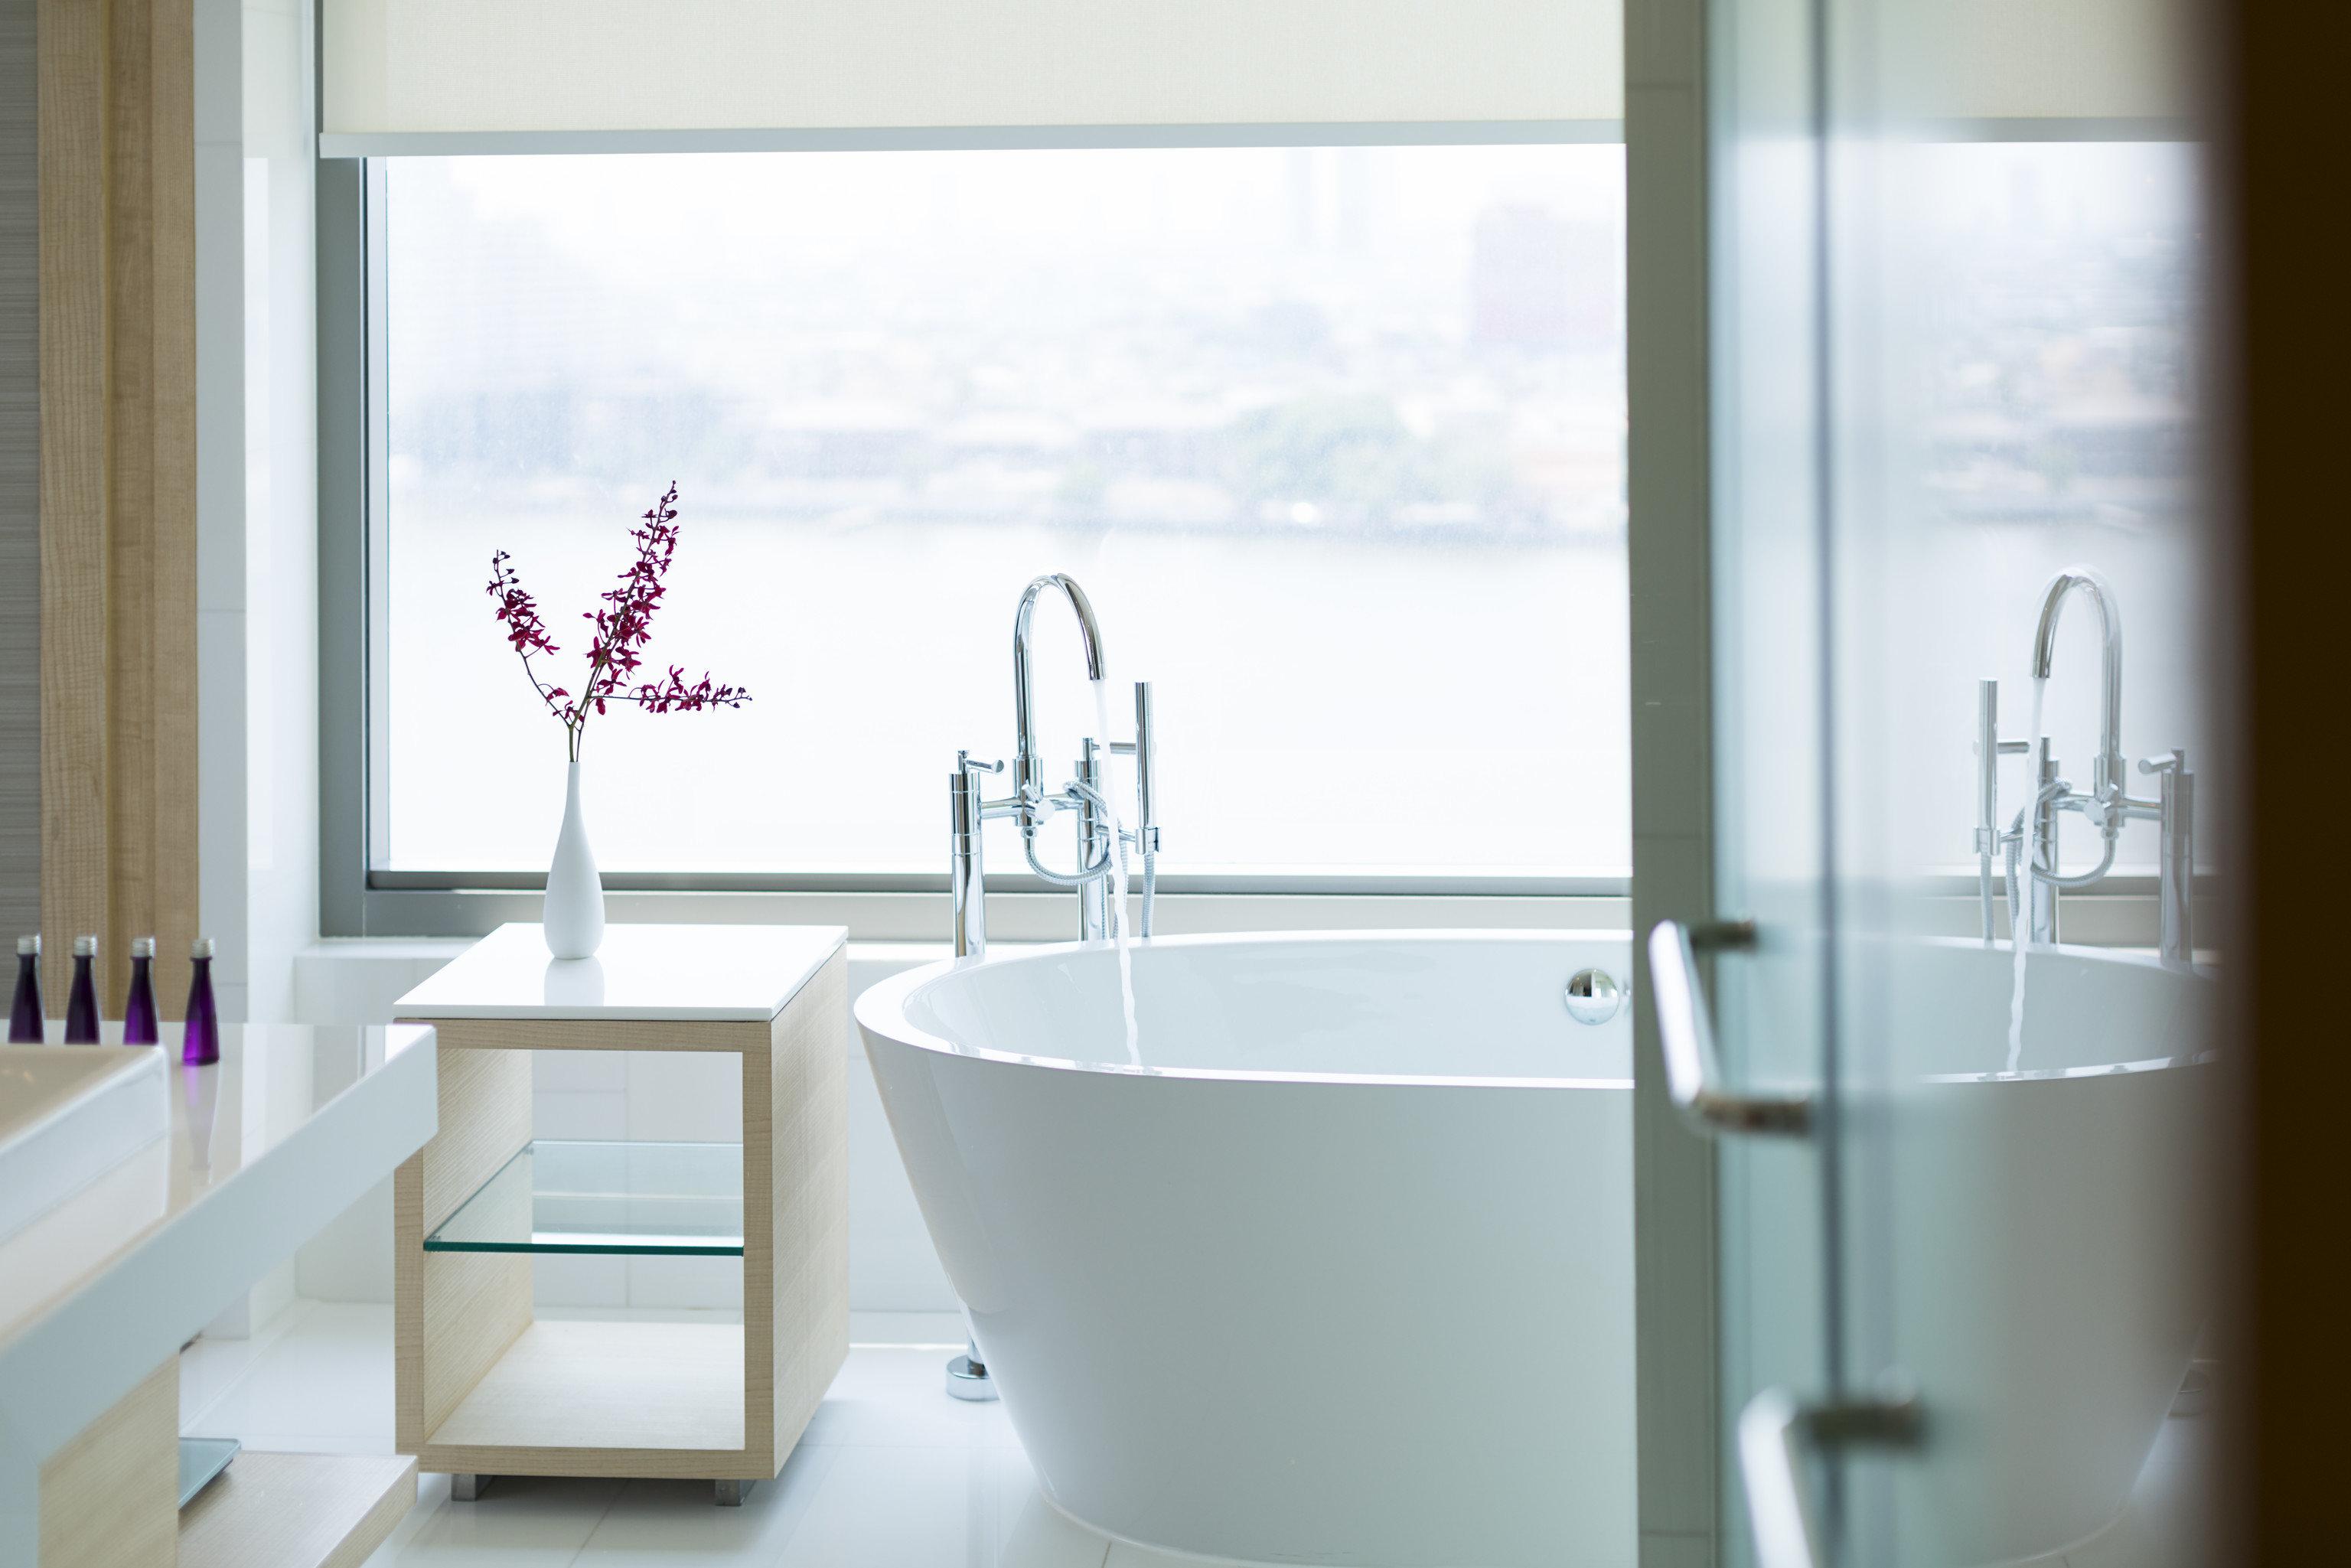 Hotels Romance window indoor wall bathroom room bathtub plumbing fixture floor interior design home bidet Design sink